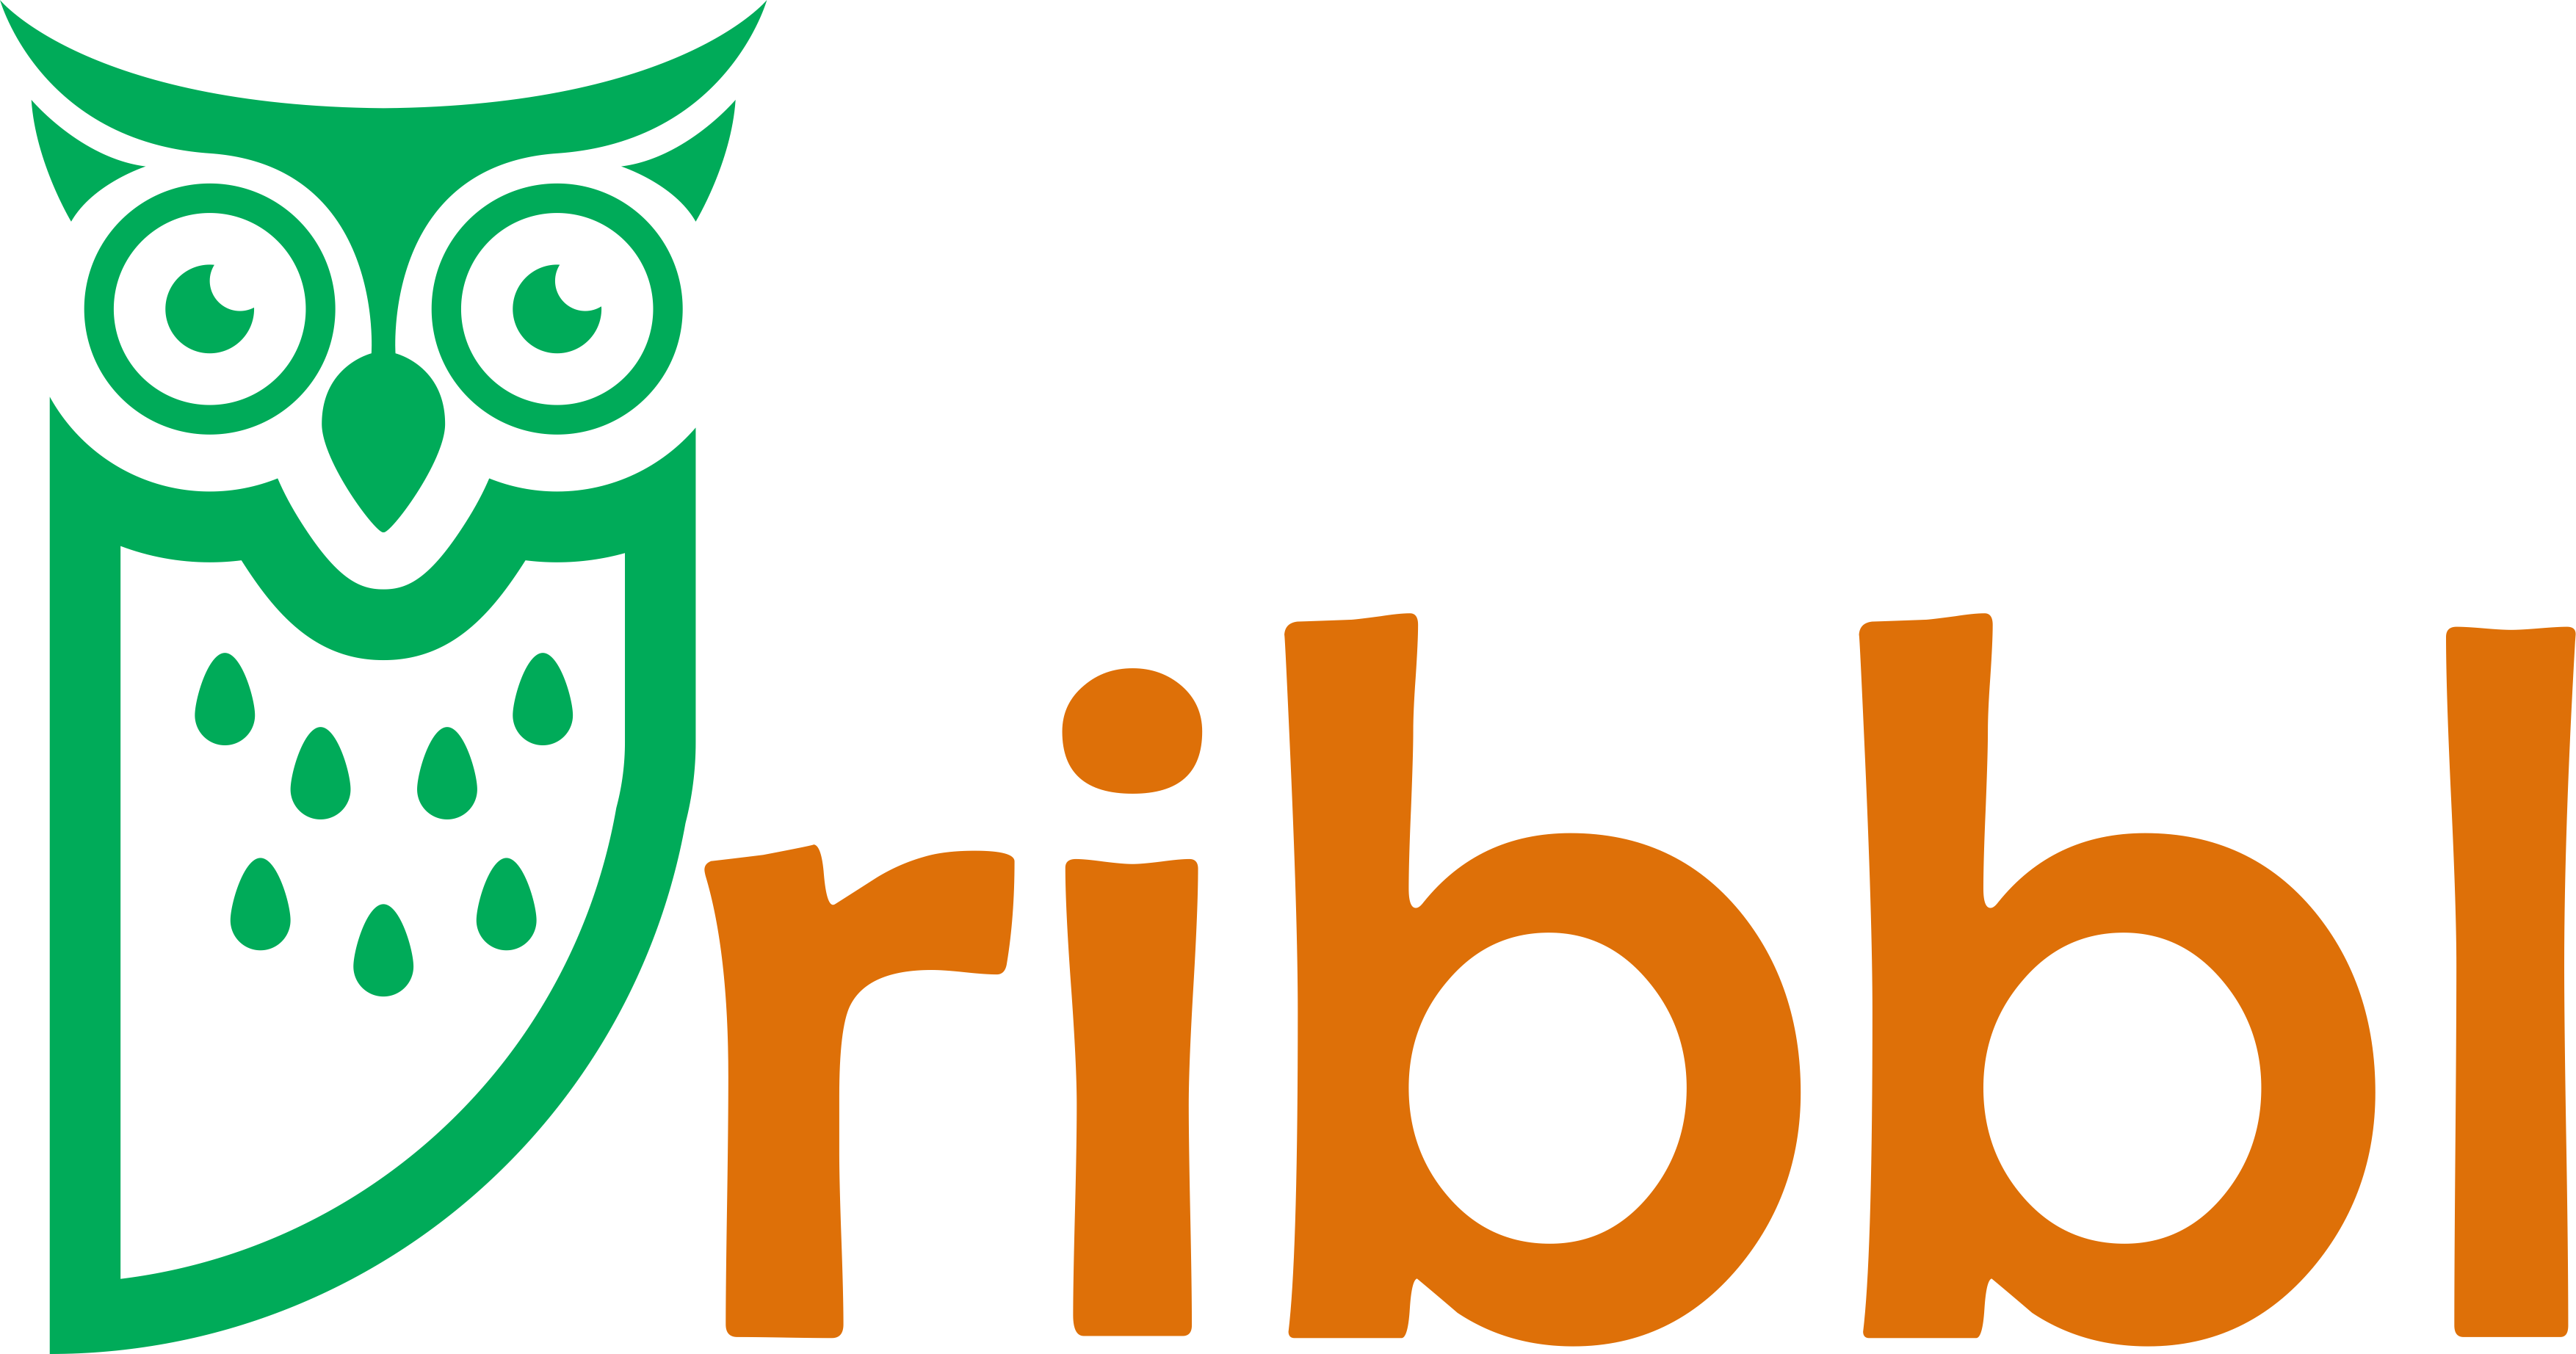 Разработка логотипа для сайта Dribbl.ru фото f_7445a9cd883eb41b.png